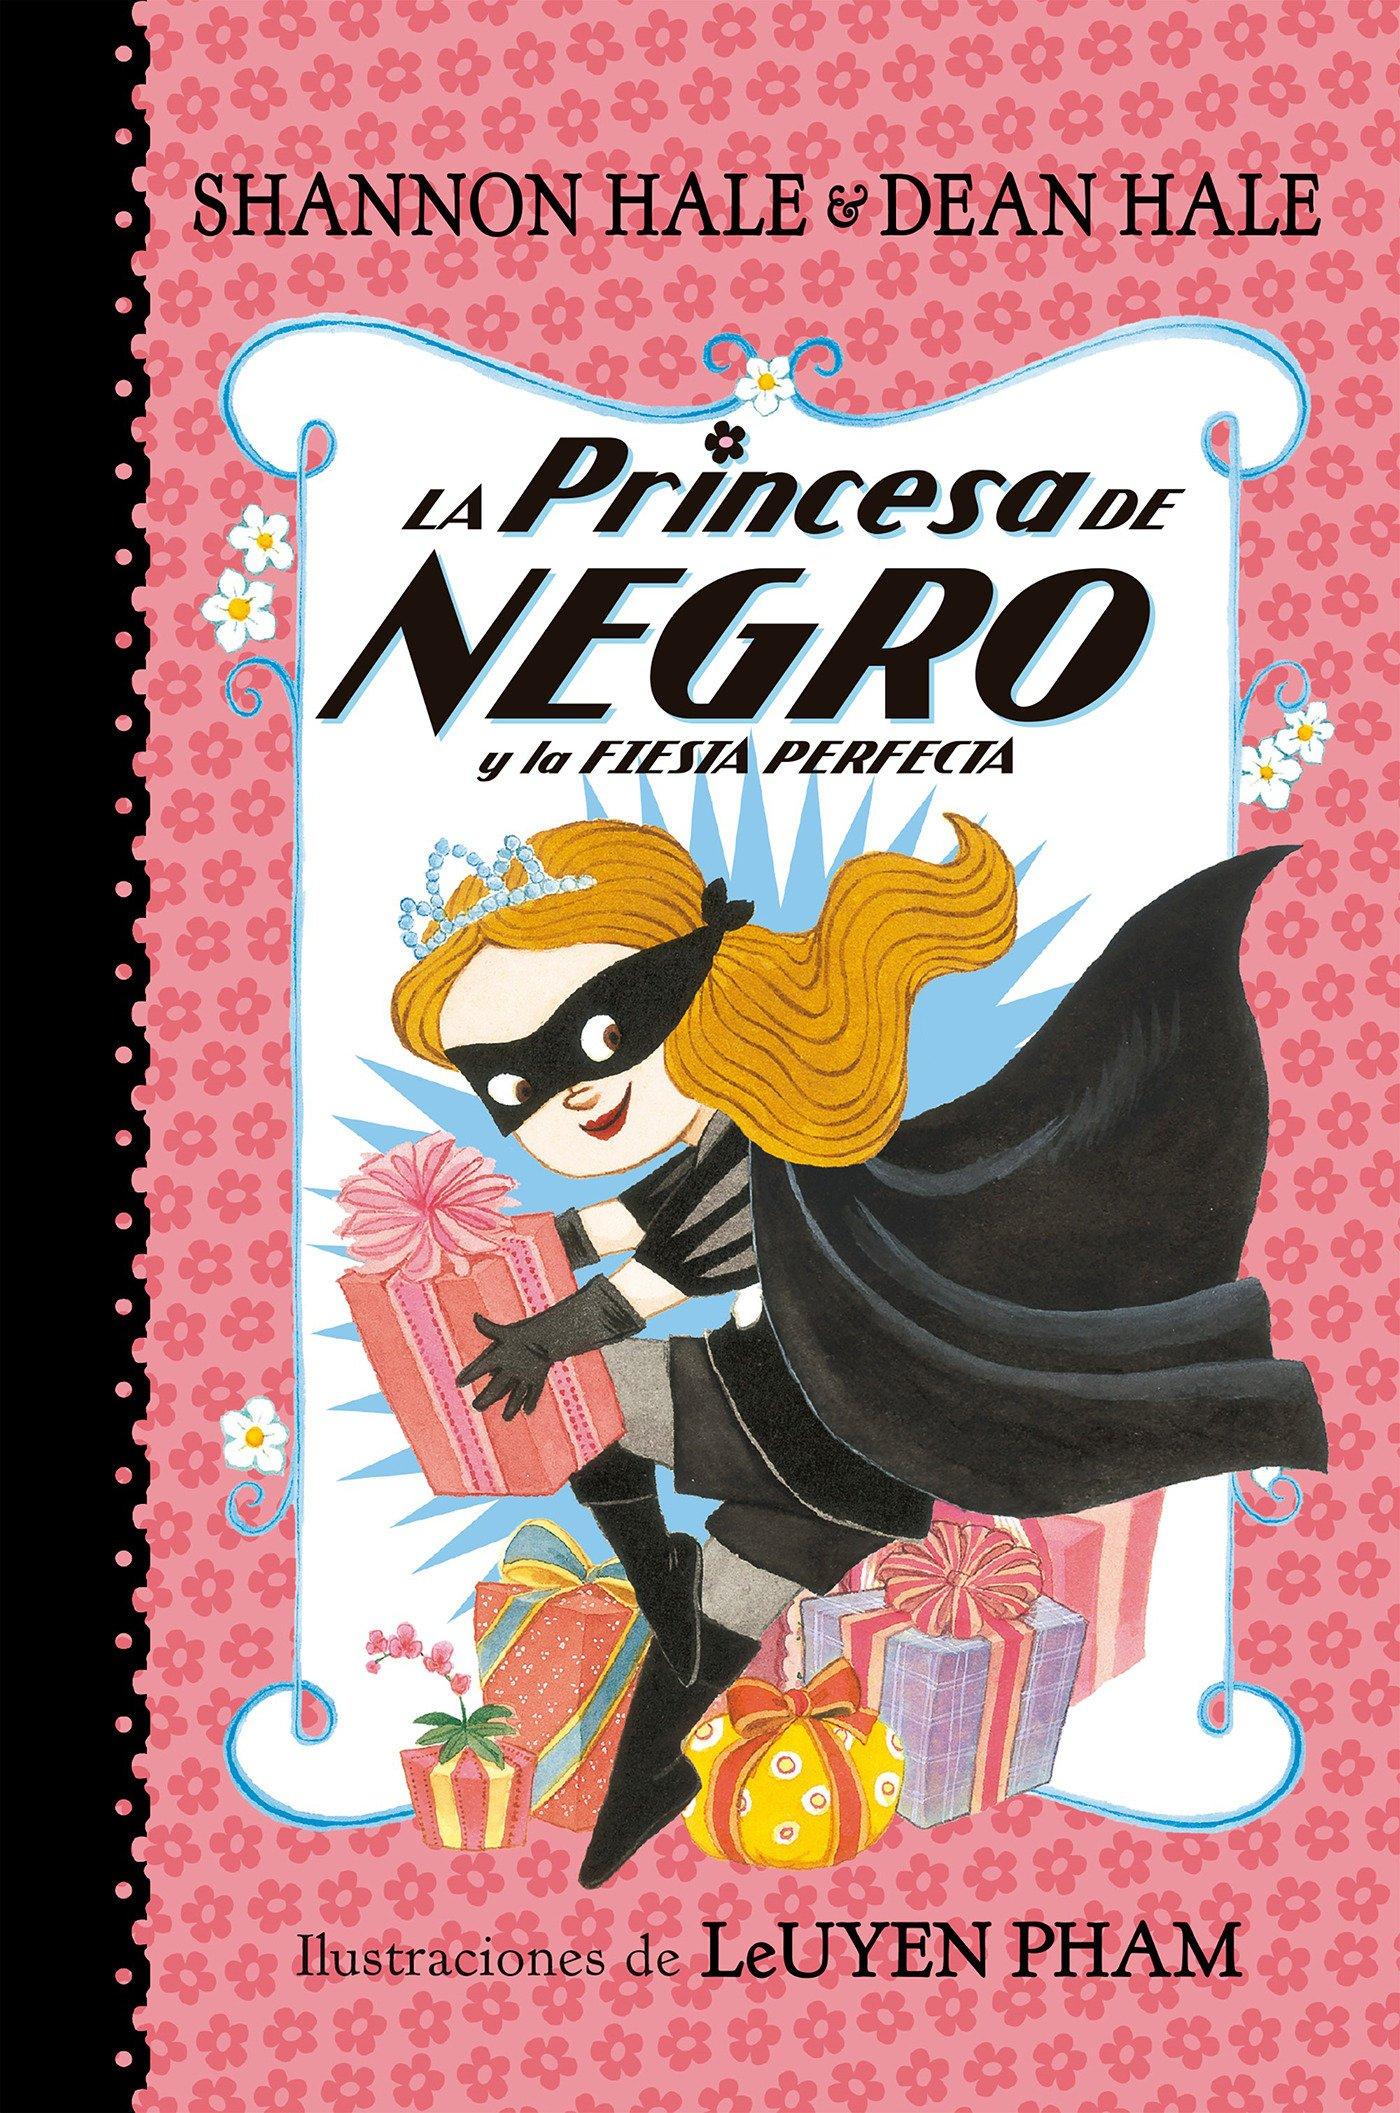 Download La Princesa de Negro y la fiesta perfecta /The Princess in Black and the Perfect  Princess Party (La Princesa de Negro / The Princess in Black) (Spanish Edition) pdf